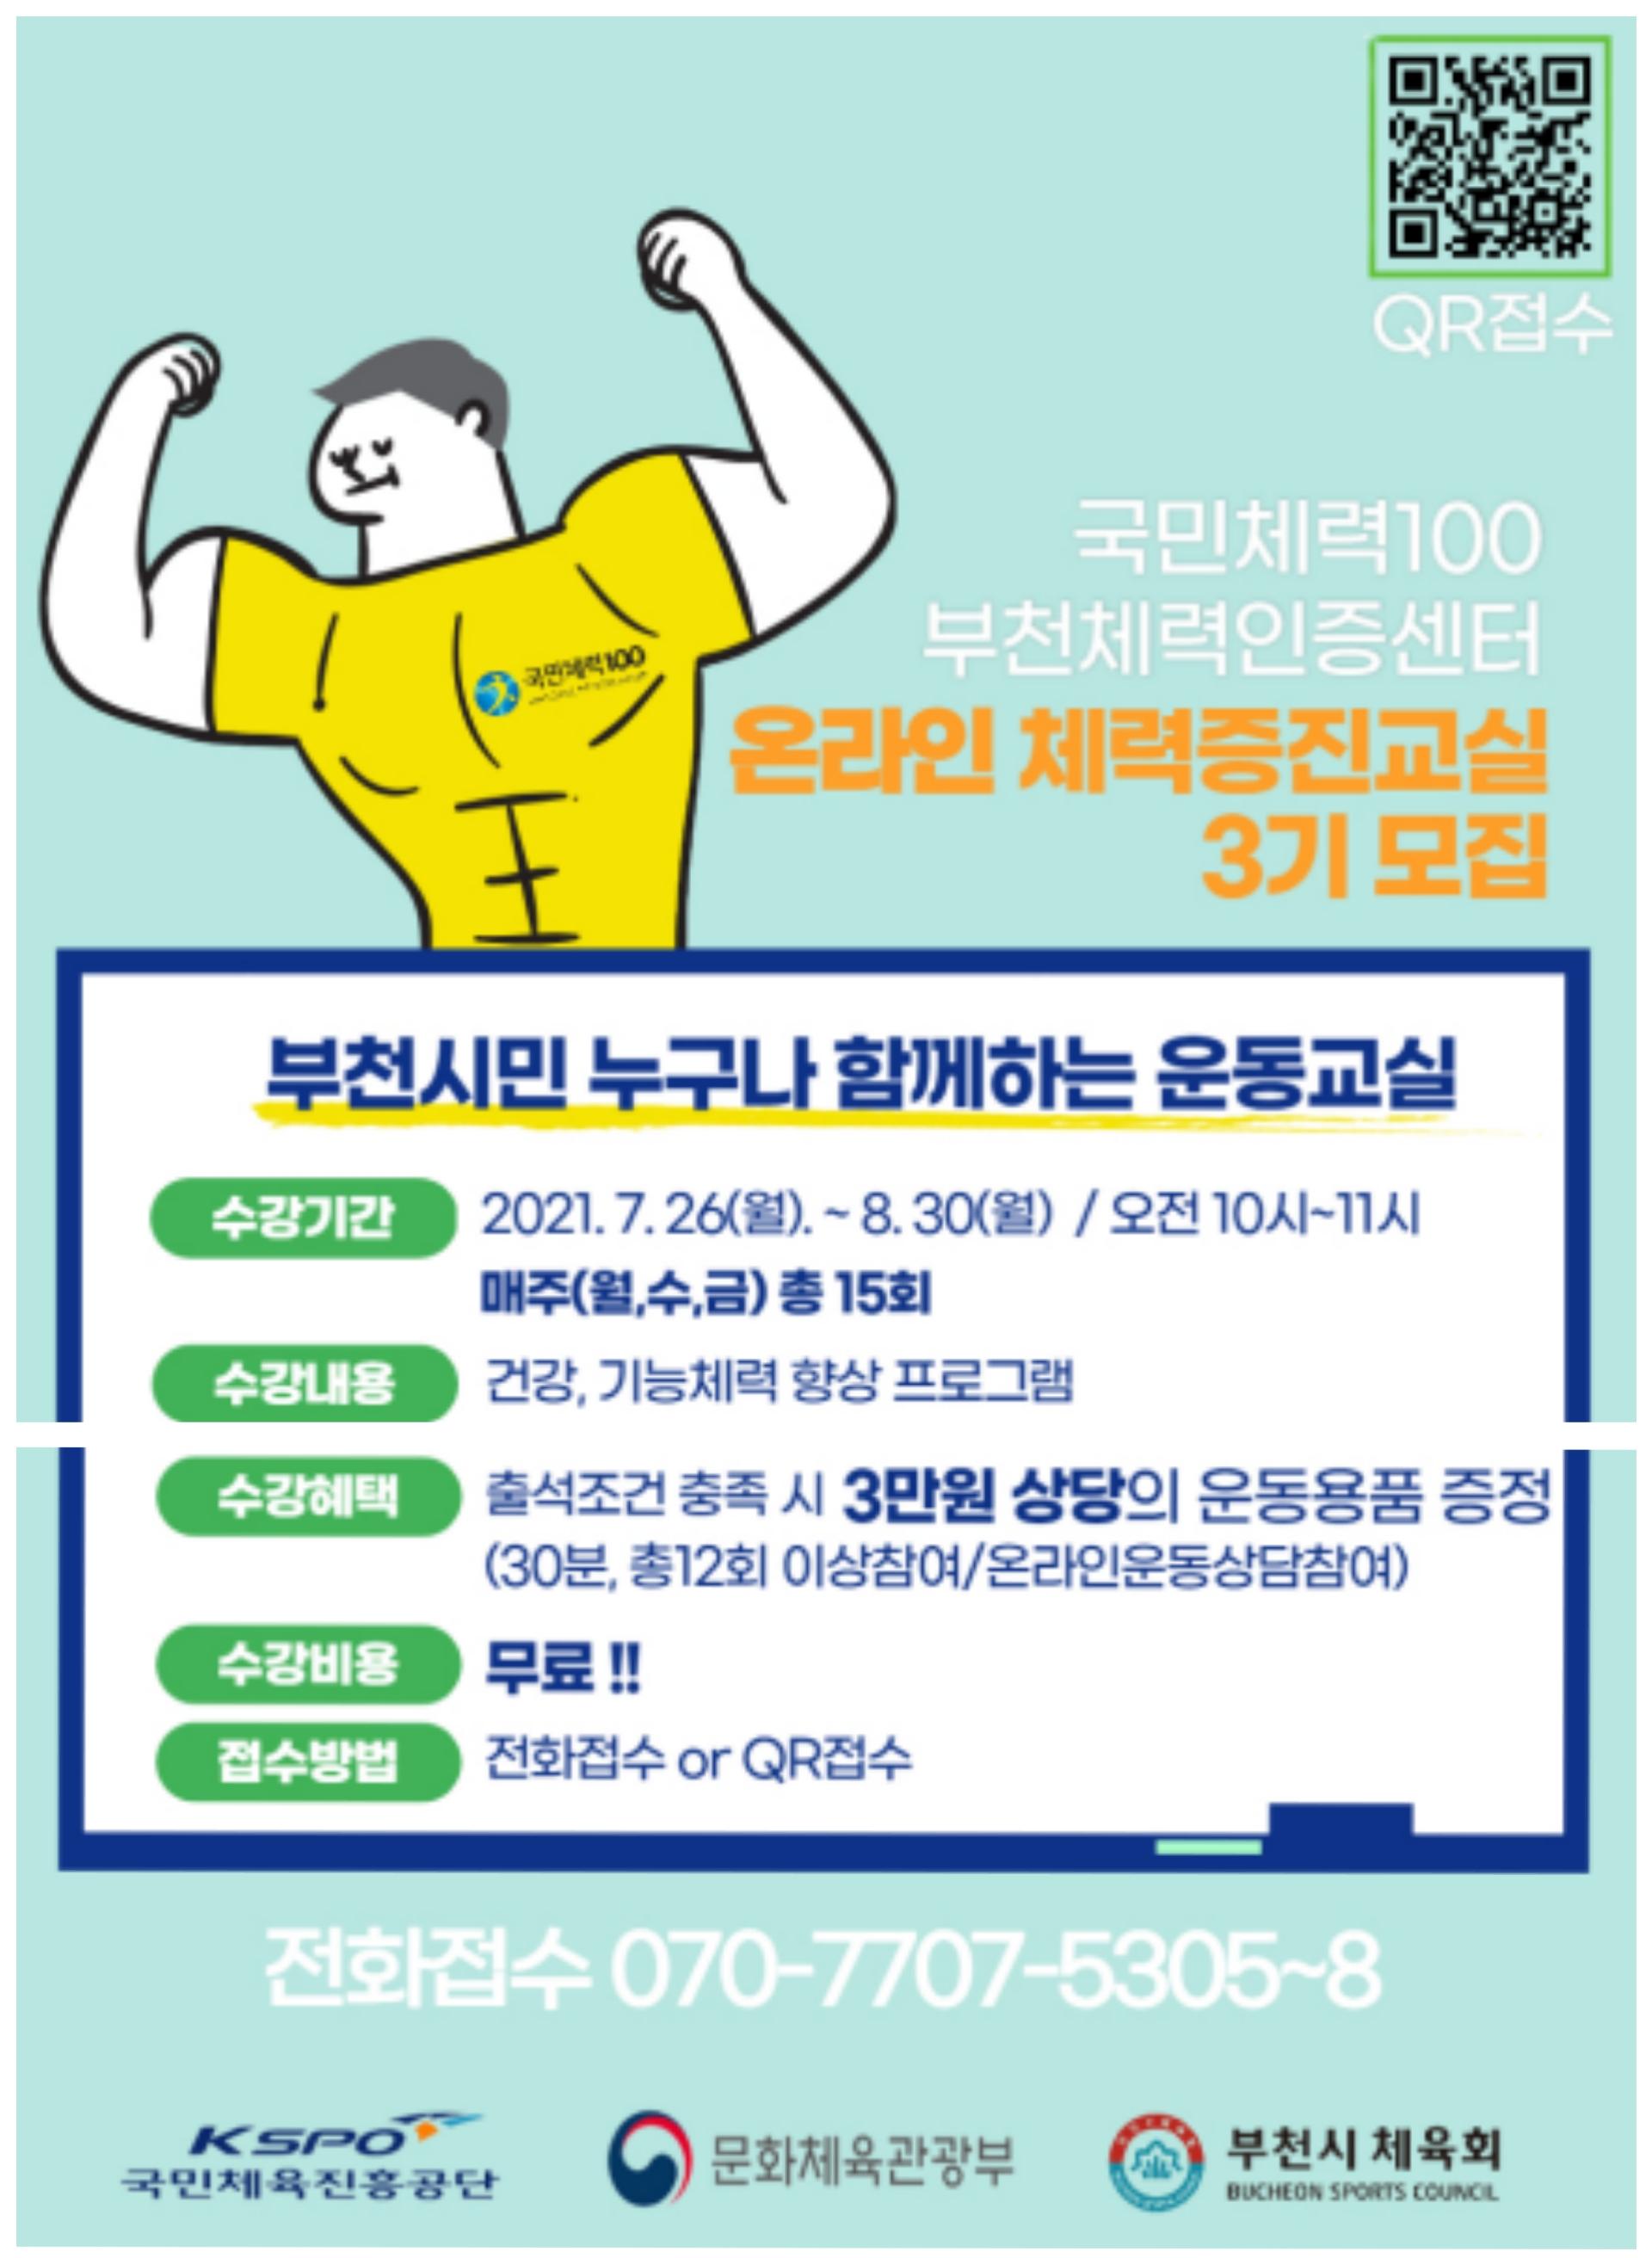 부천체력인증센터, 온라인 체력증진교실 3기 모집 웹 홍보.